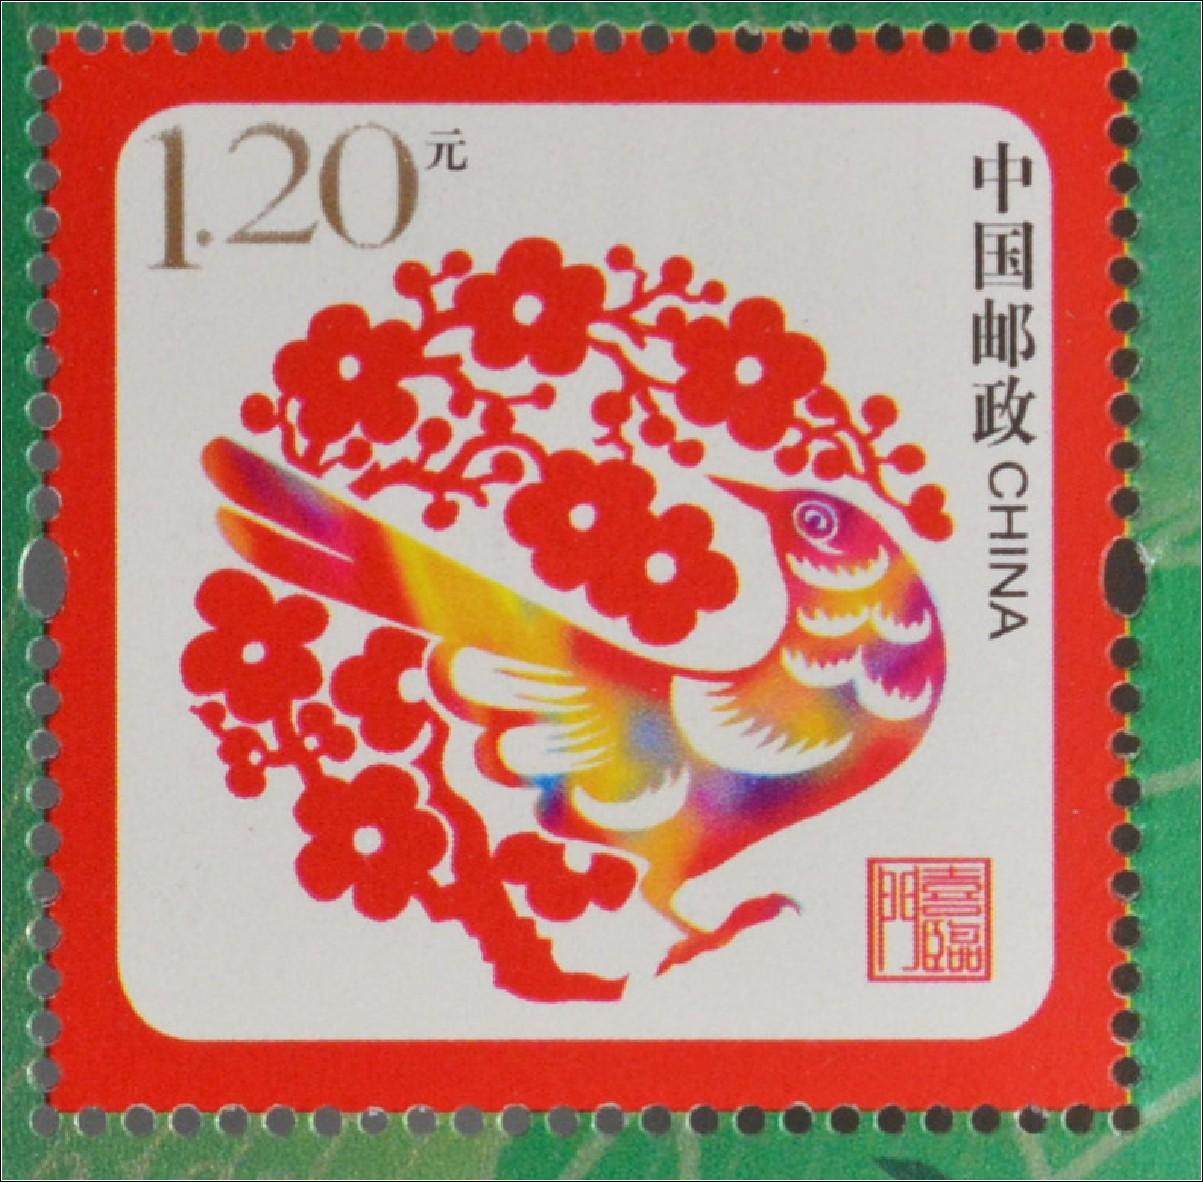 vr china 2016 block 216 120 jahre chinesische post horoskop hahn ebay. Black Bedroom Furniture Sets. Home Design Ideas